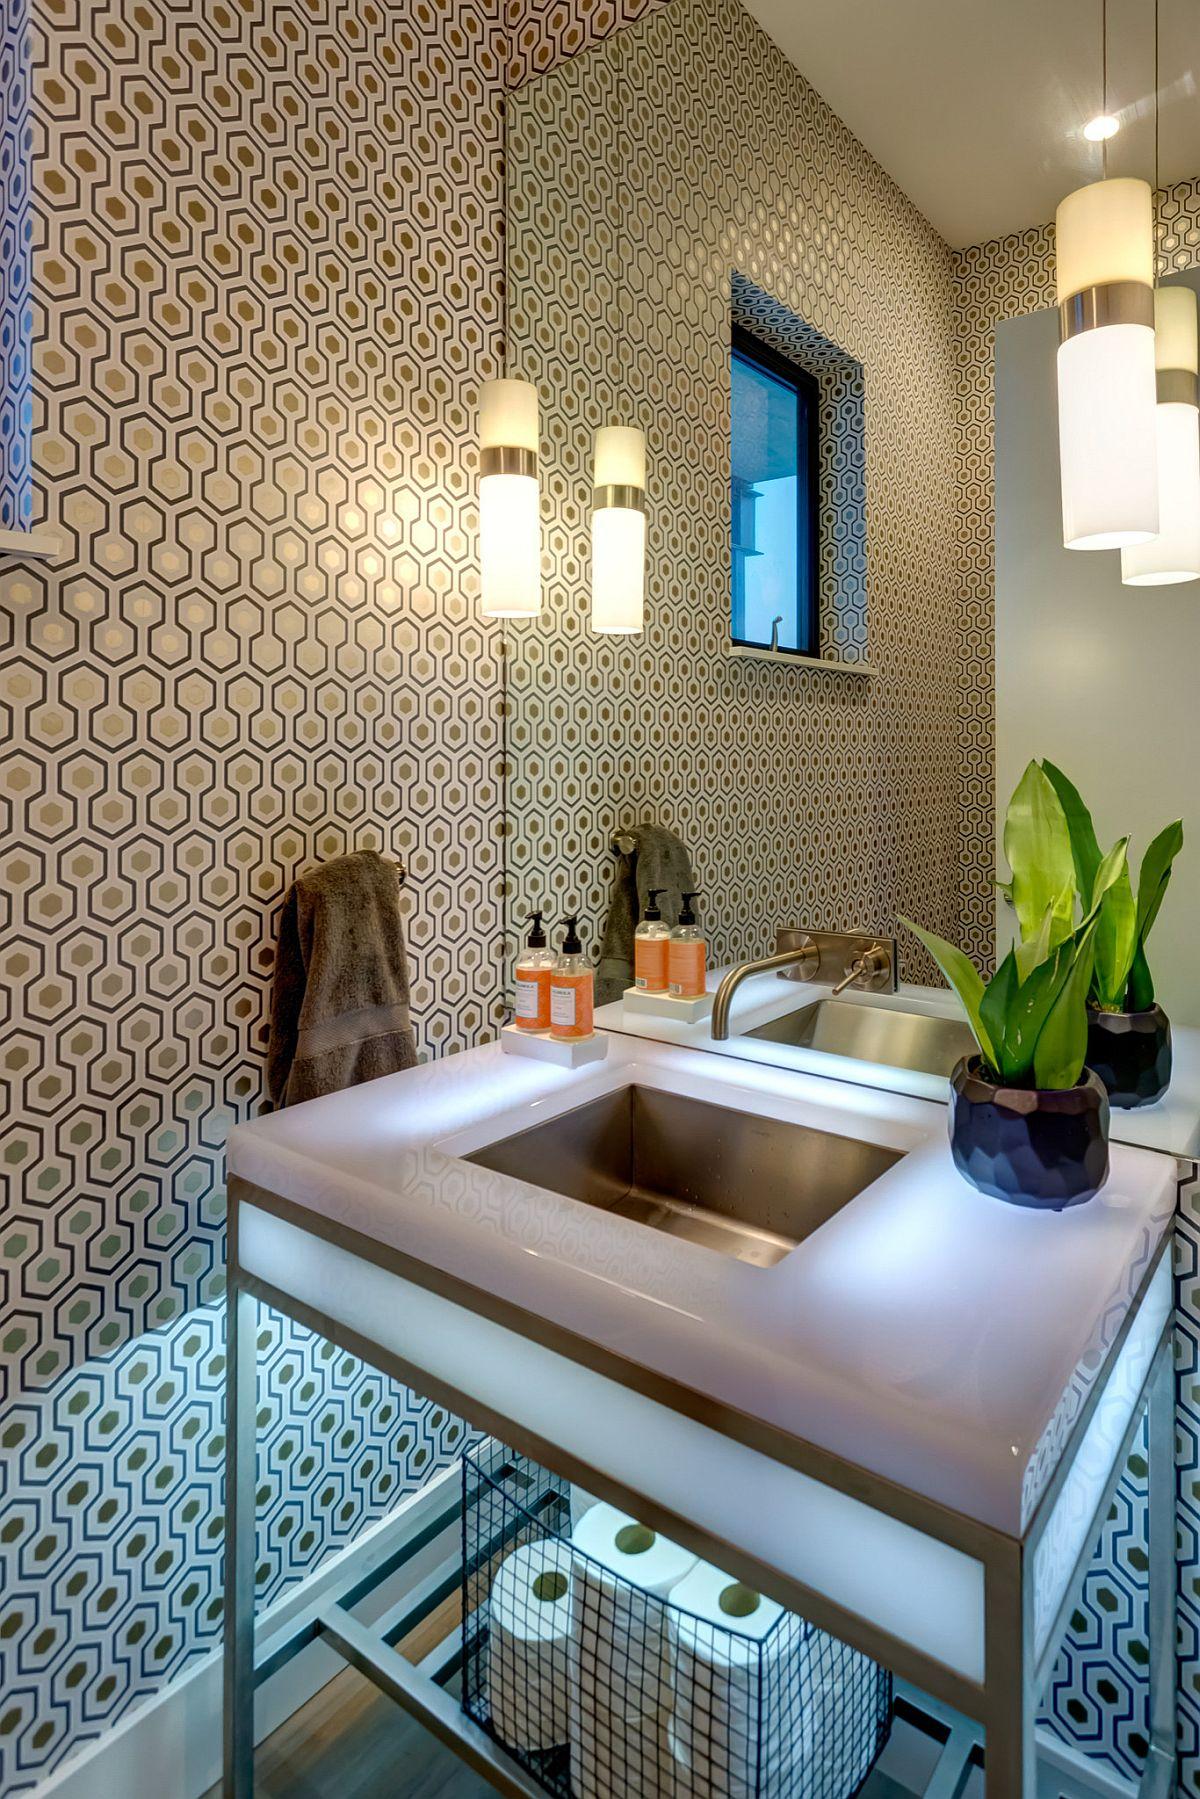 Le papier peint avec le motif emblématique de David Hicks vole la vedette dans cette petite salle d'eau moderne